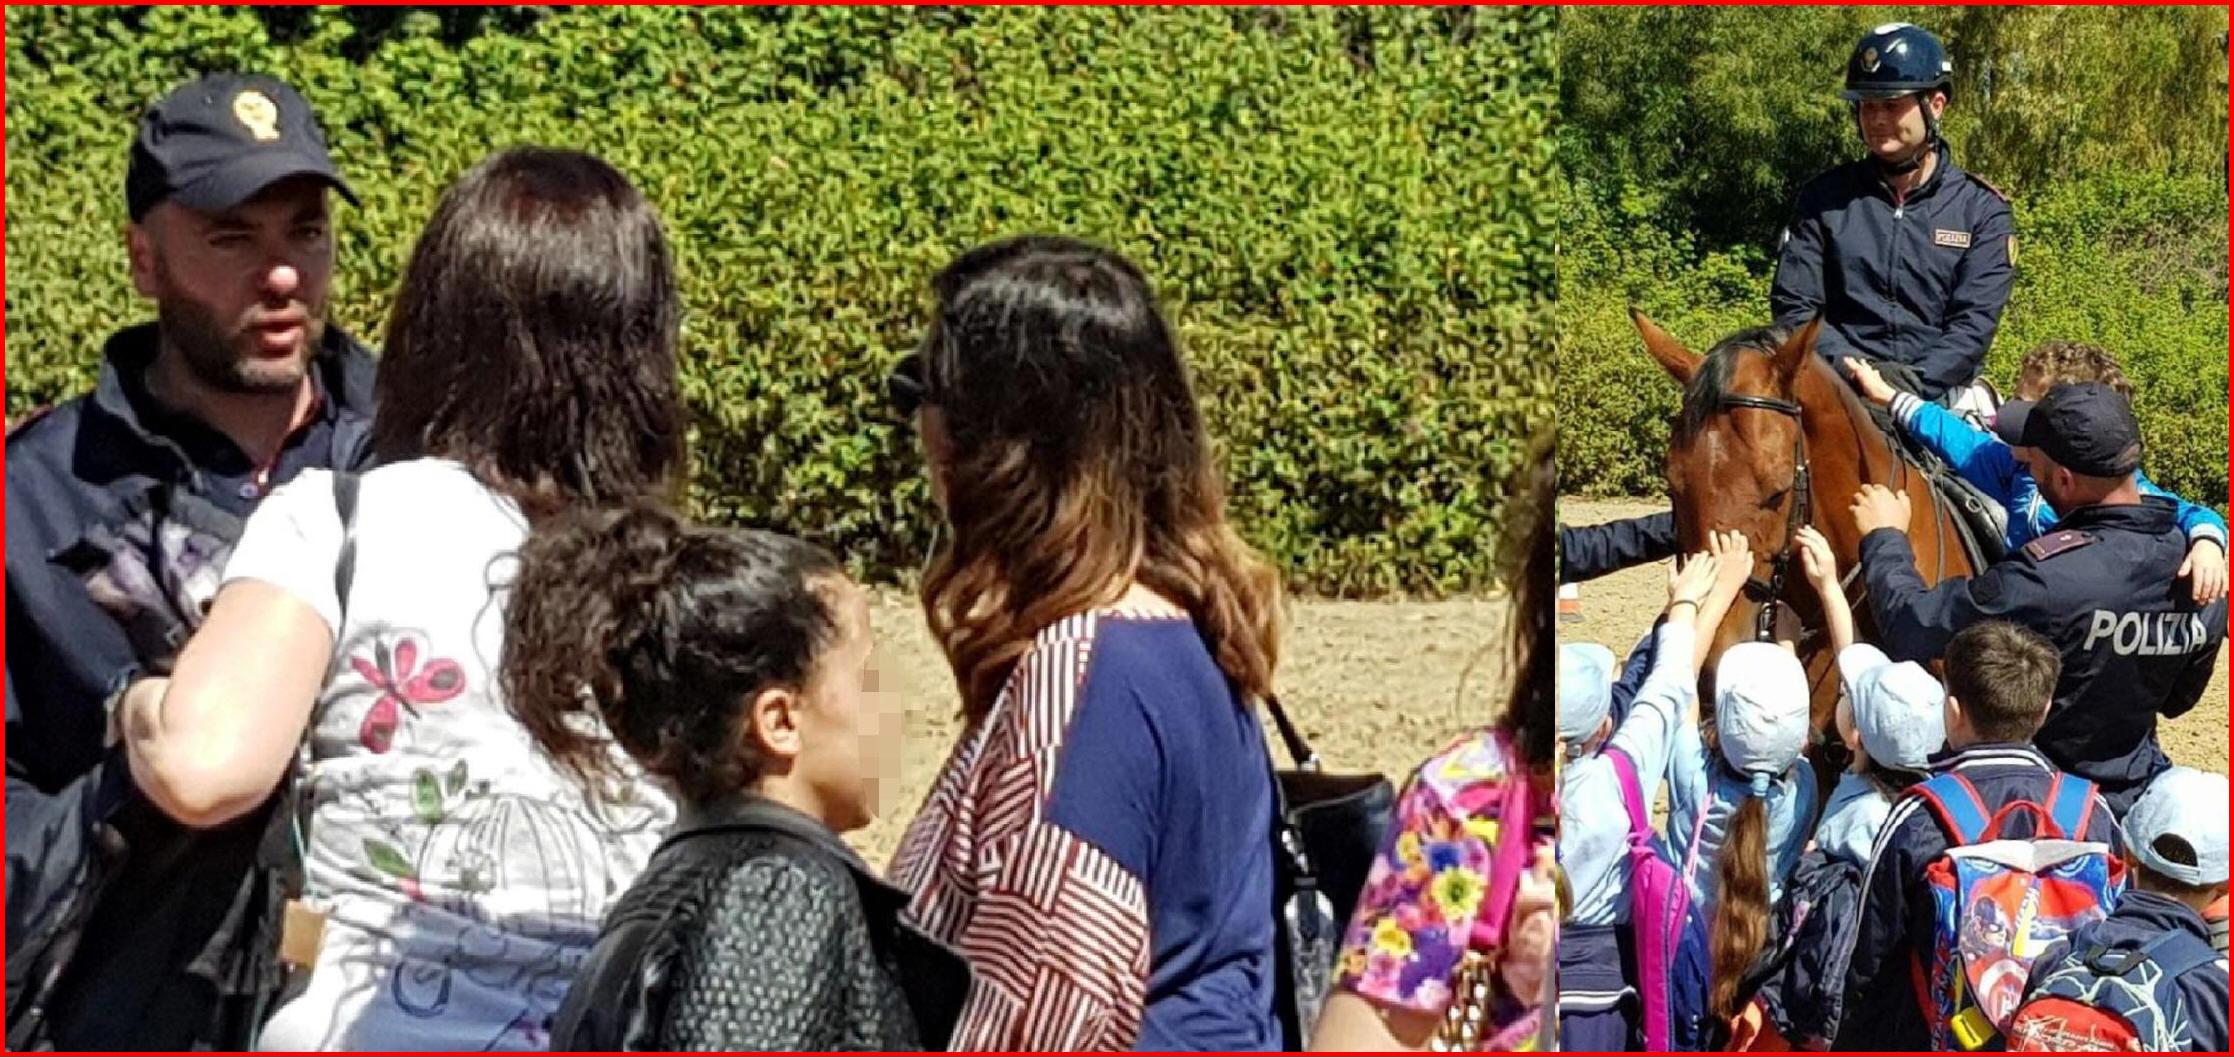 5deeb2b0a7e8 CATANIA - 150 studenti visitano Reparto Polizia a Cavallo. I bambini di  elementari e medie hanno assistito alle dimostrazioni della Squadra  Cinofili ...